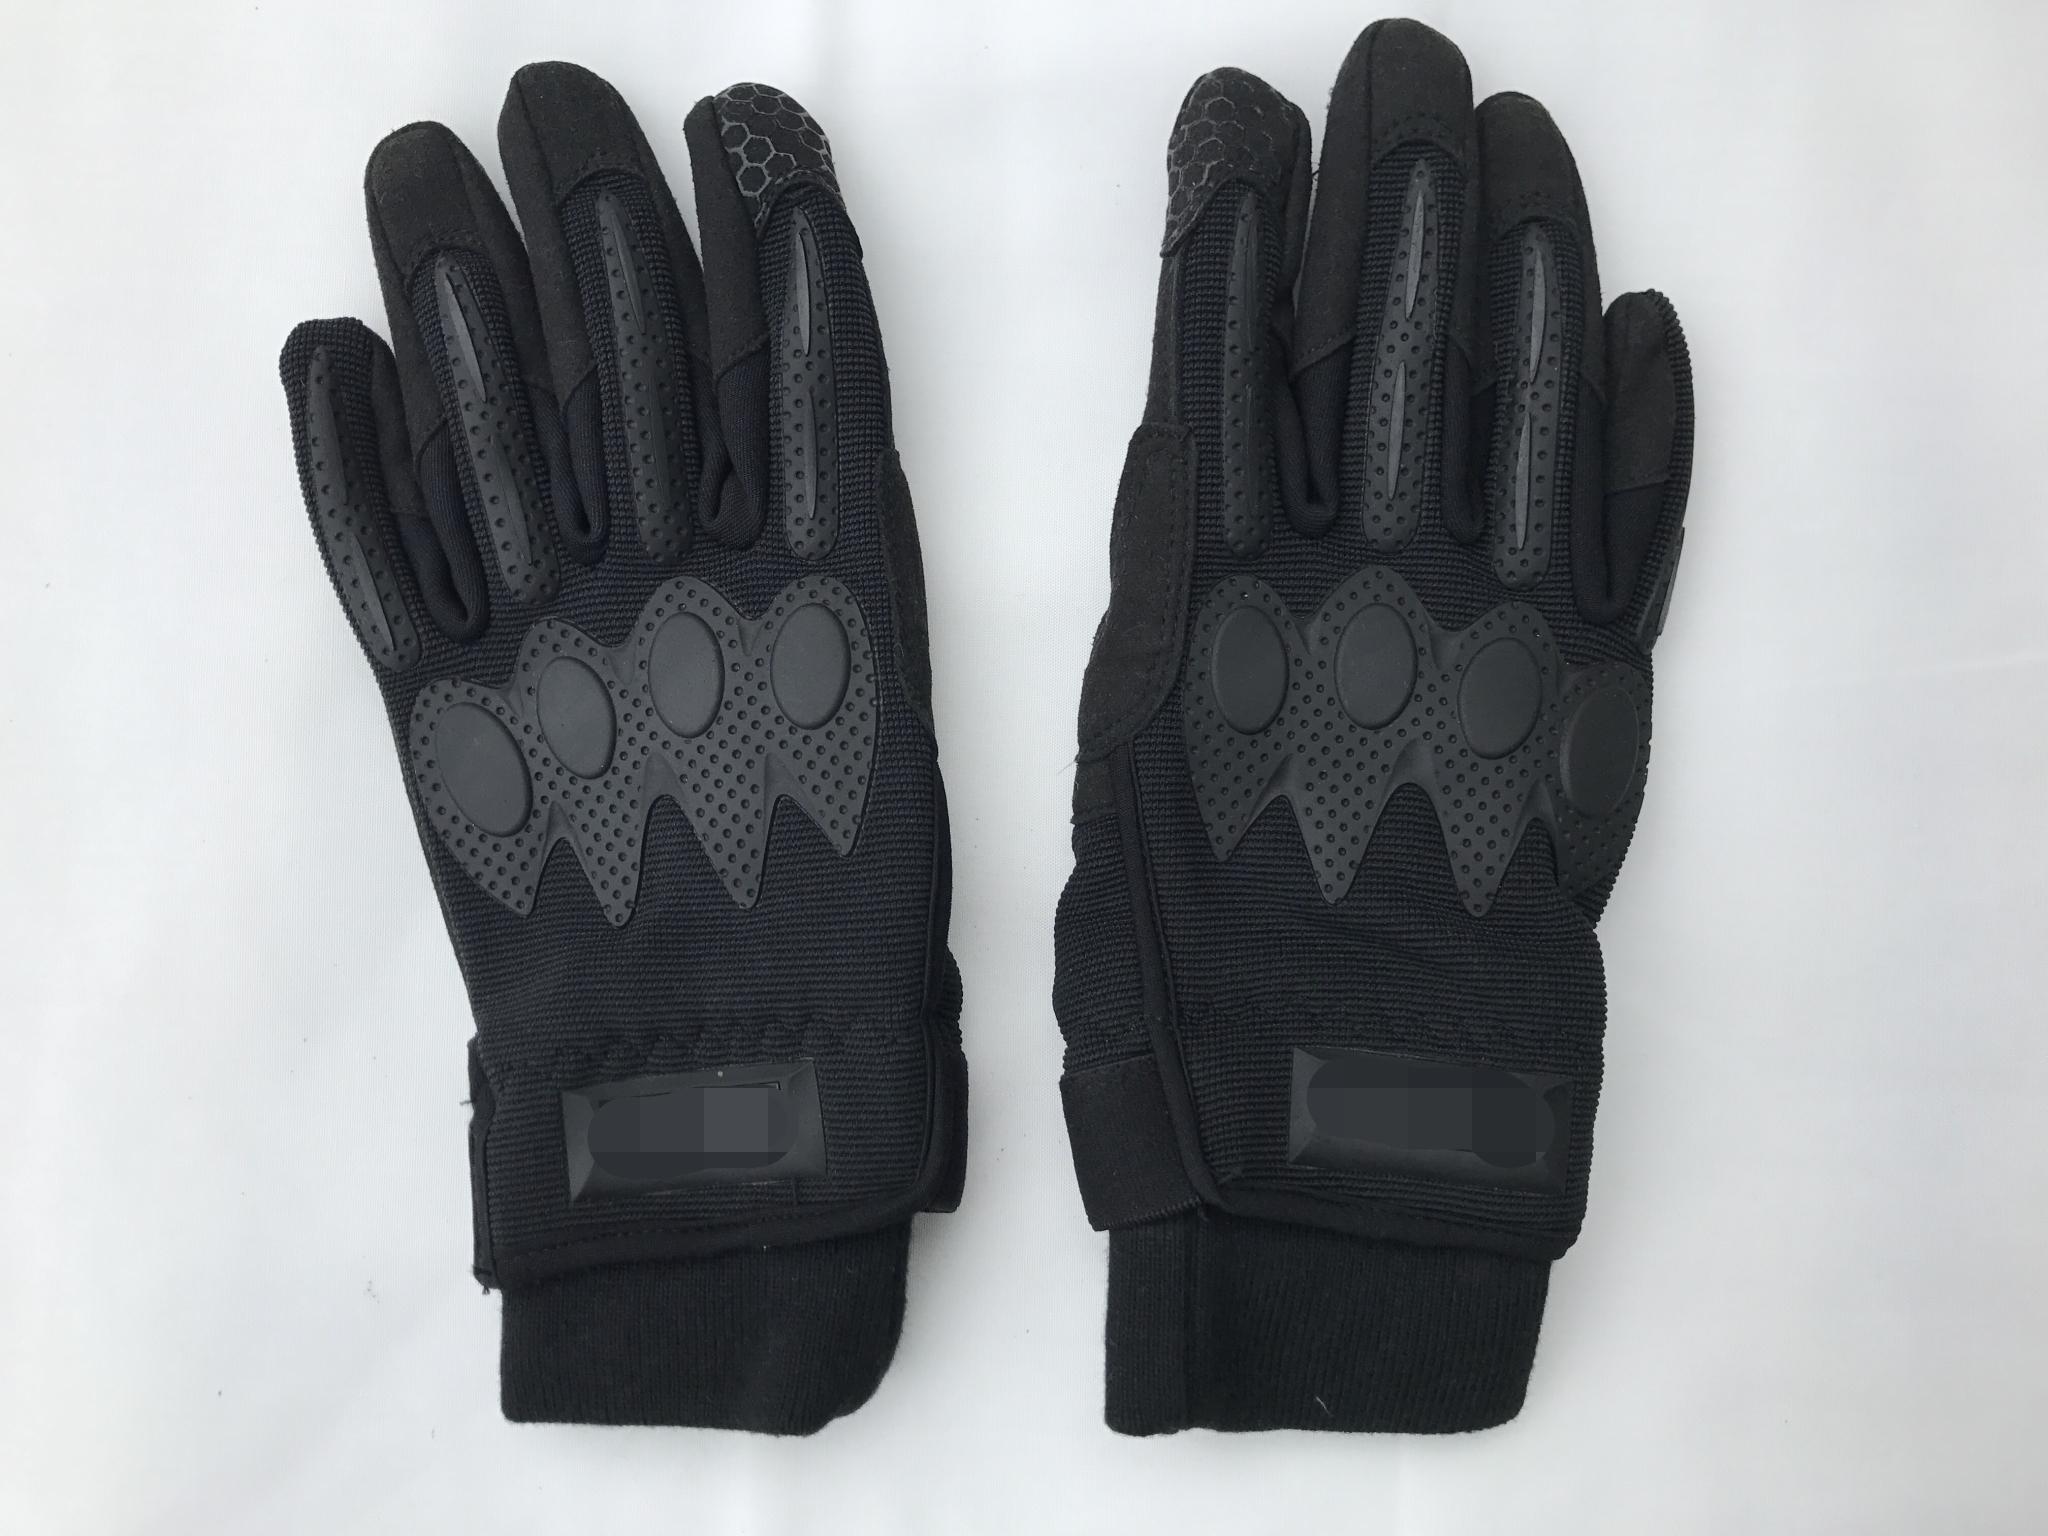 Подлинный 07a в перчатки на открытом воздухе тепло-холод верховая езда тактический обучение армия фанатов все фондовые индексы перчатки мужчина зима